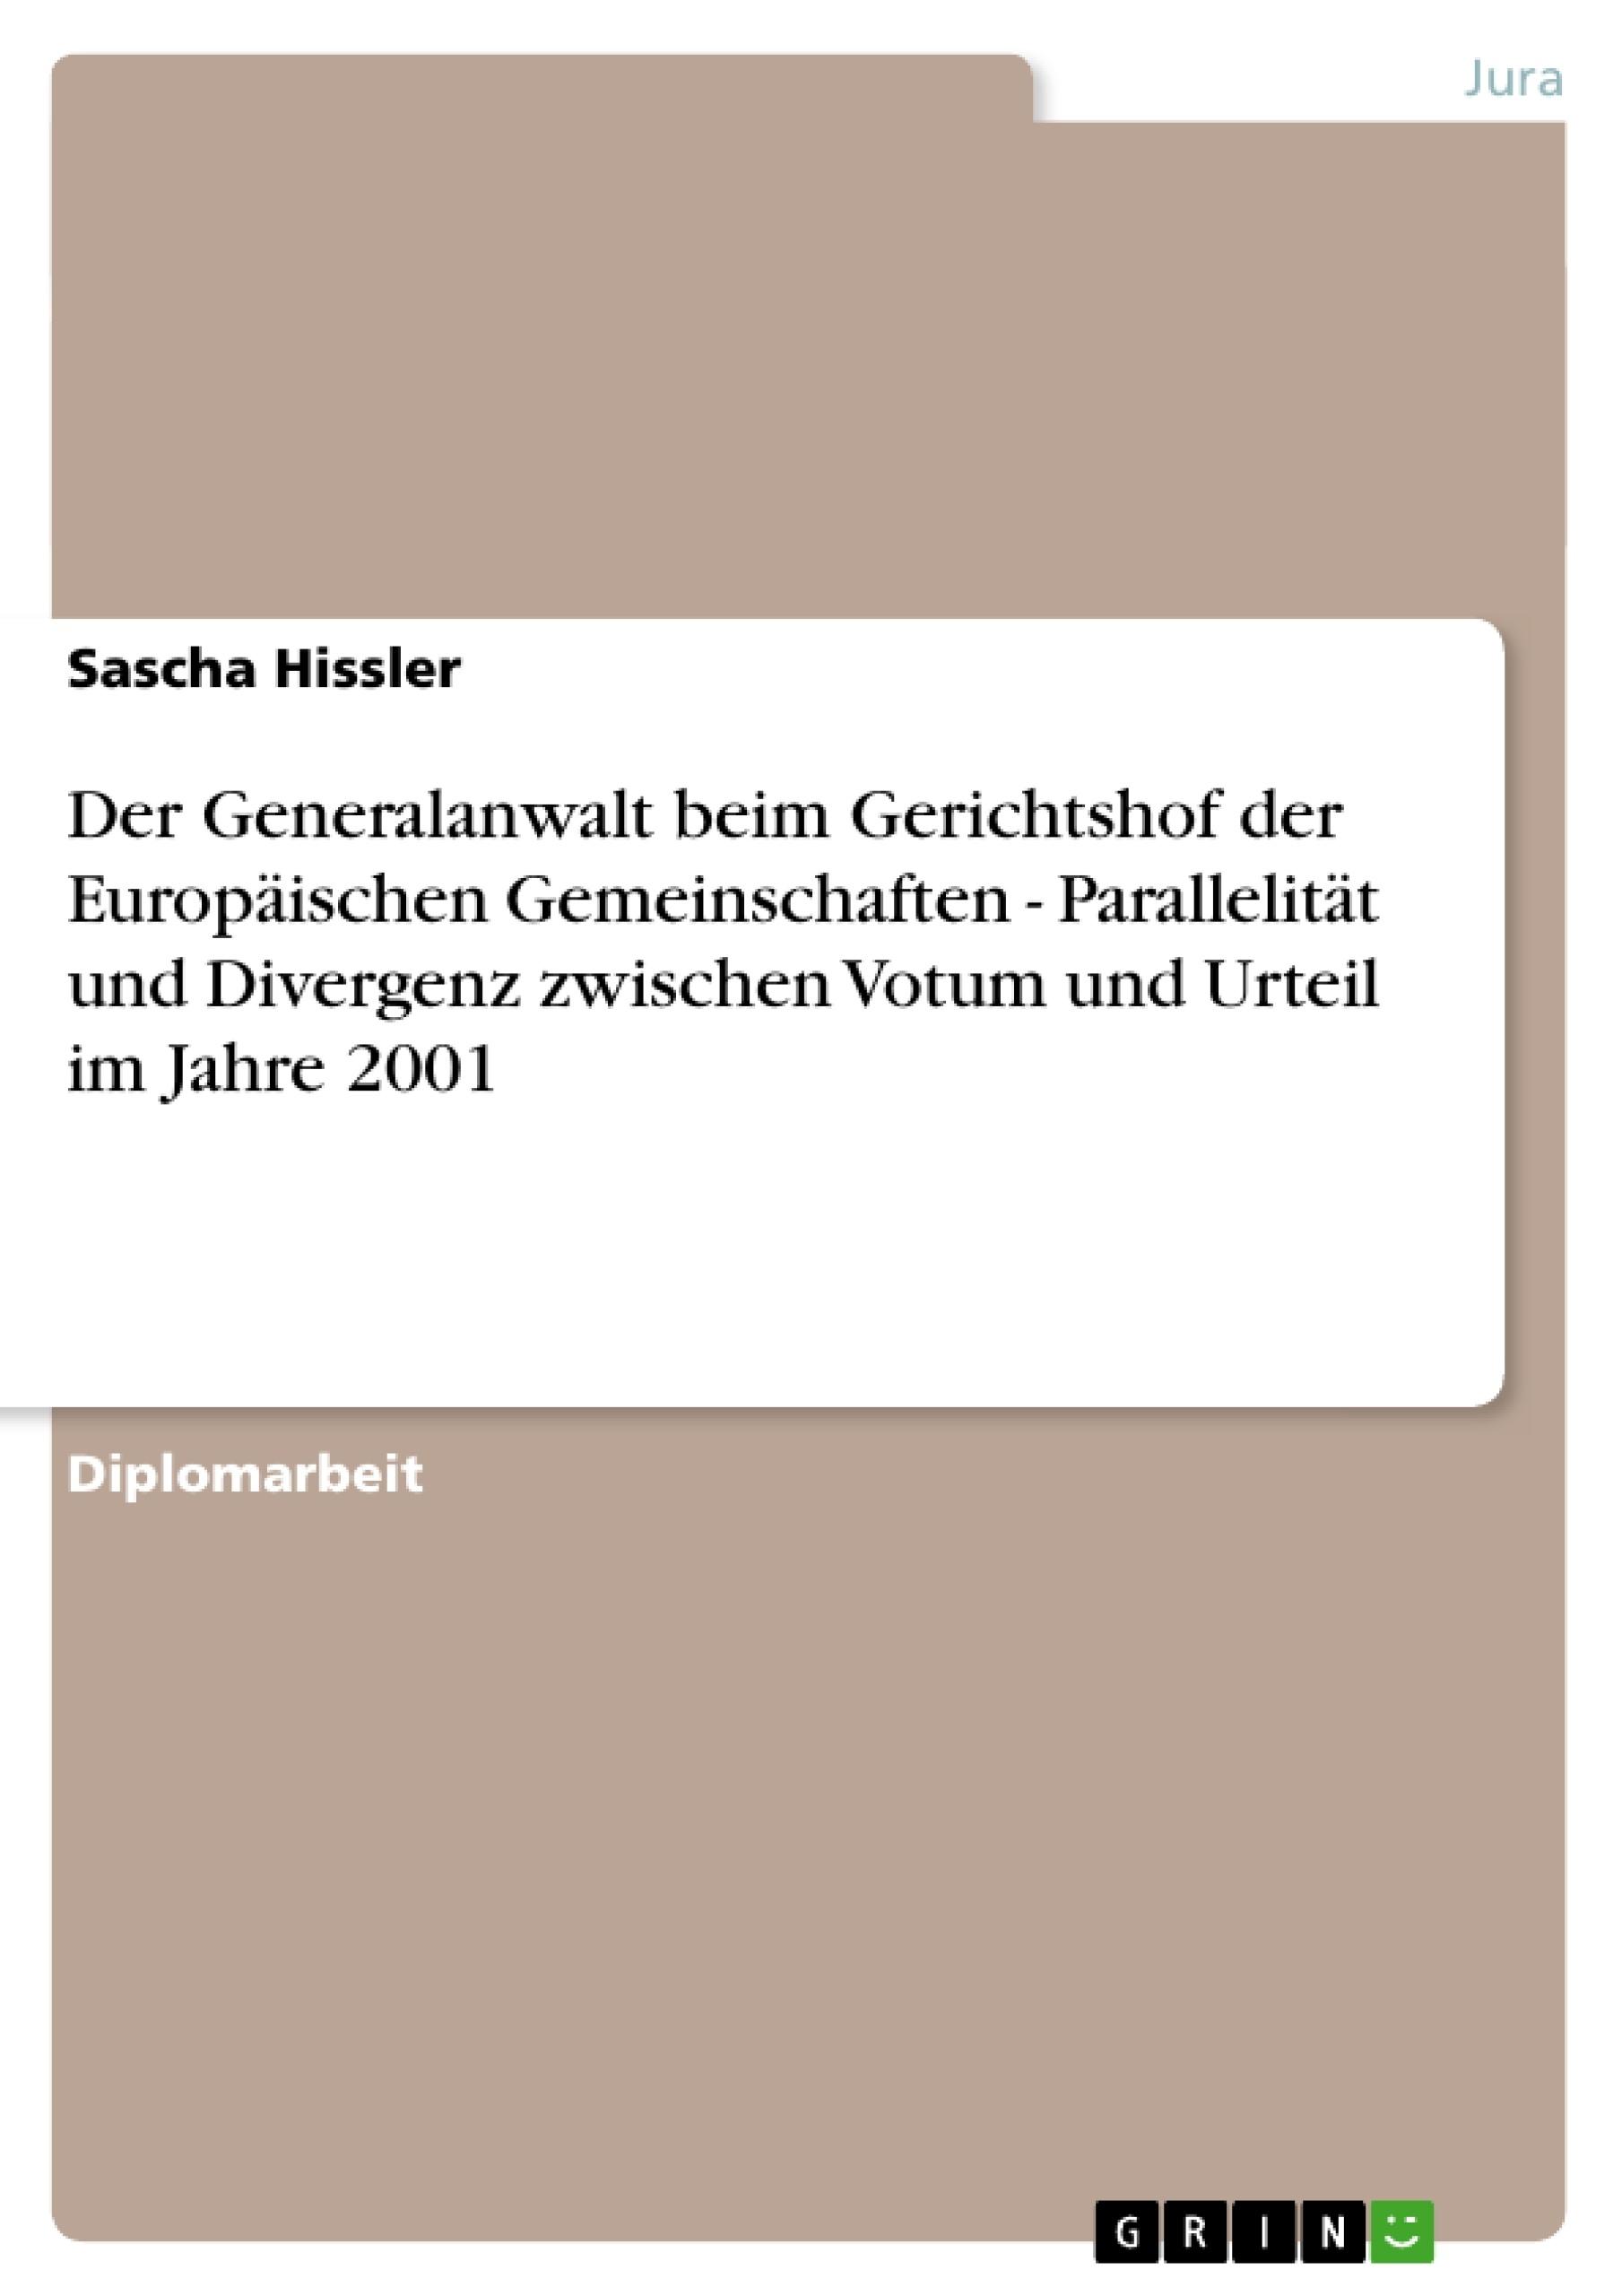 Titel: Der Generalanwalt beim Gerichtshof der Europäischen Gemeinschaften - Parallelität und Divergenz zwischen Votum und Urteil im Jahre 2001